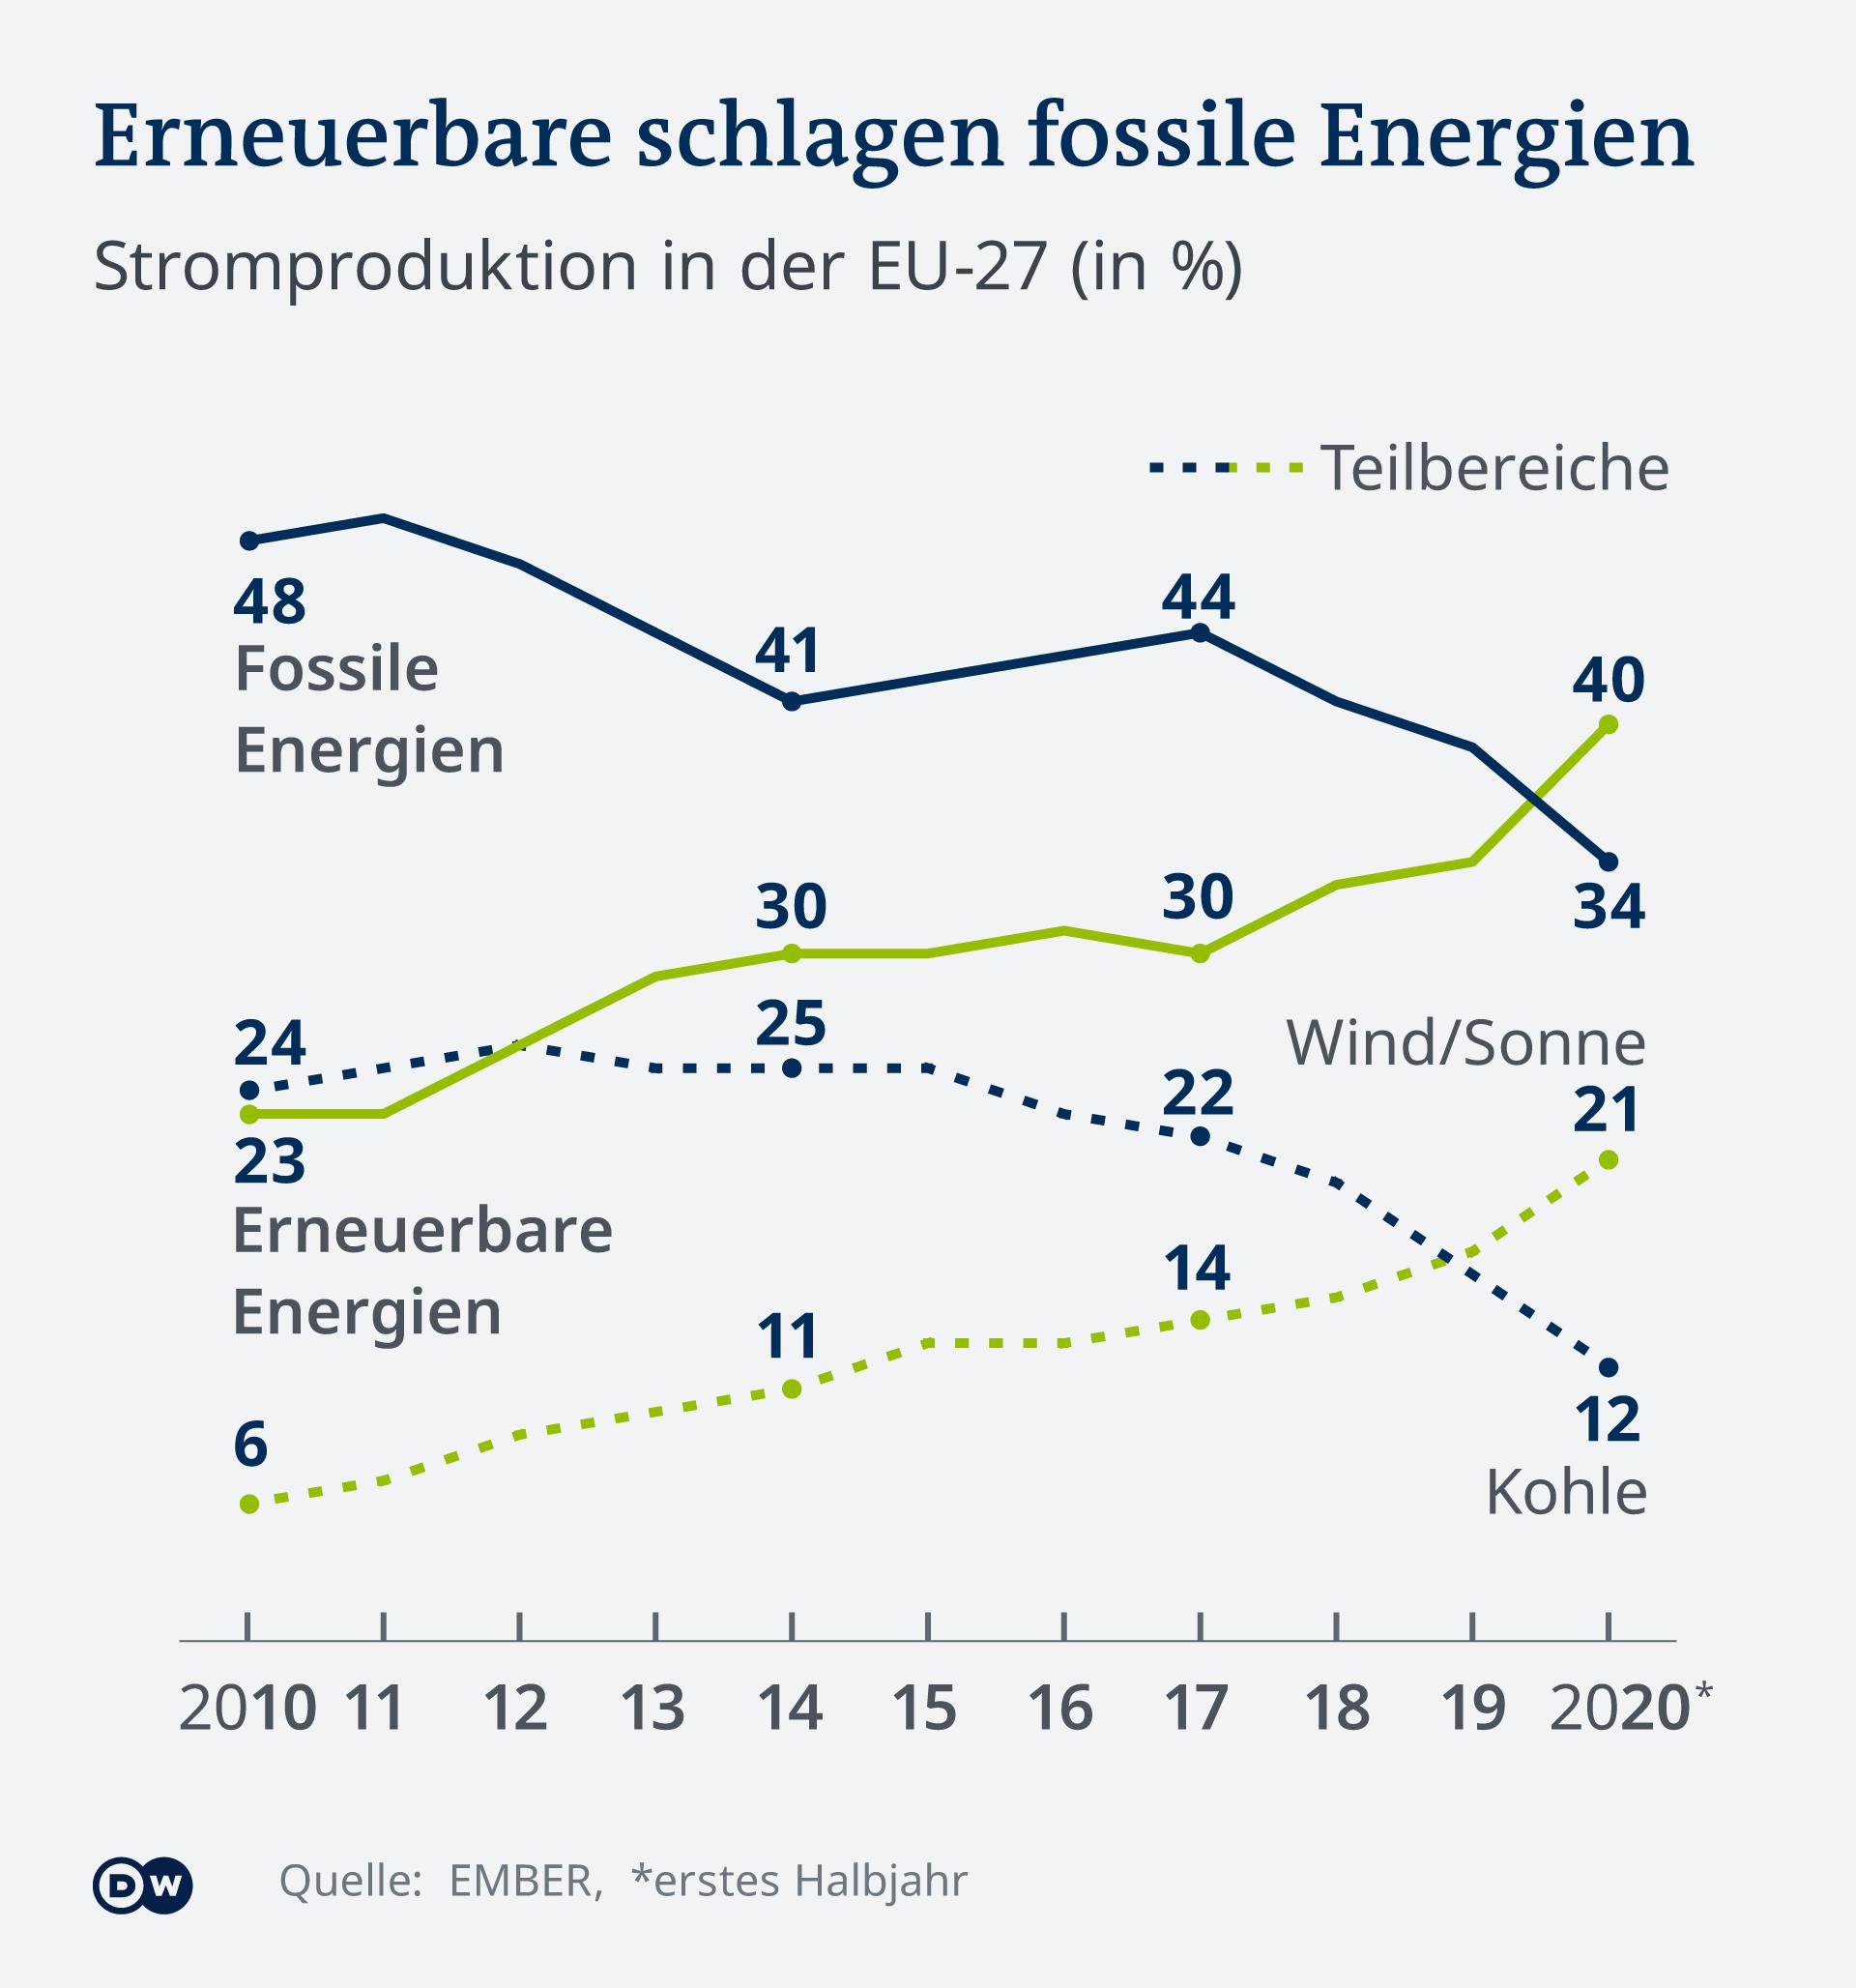 Infografik - Erneuerbare schlagen fossile Energien in Europa. Die Grafik zeigt die Produktion von Strom aus Kohle und Wind und Sonne in der EU von 2010 bis 2020. Kohlekraftwerke werden unrentabel und stehen zunehmend still.